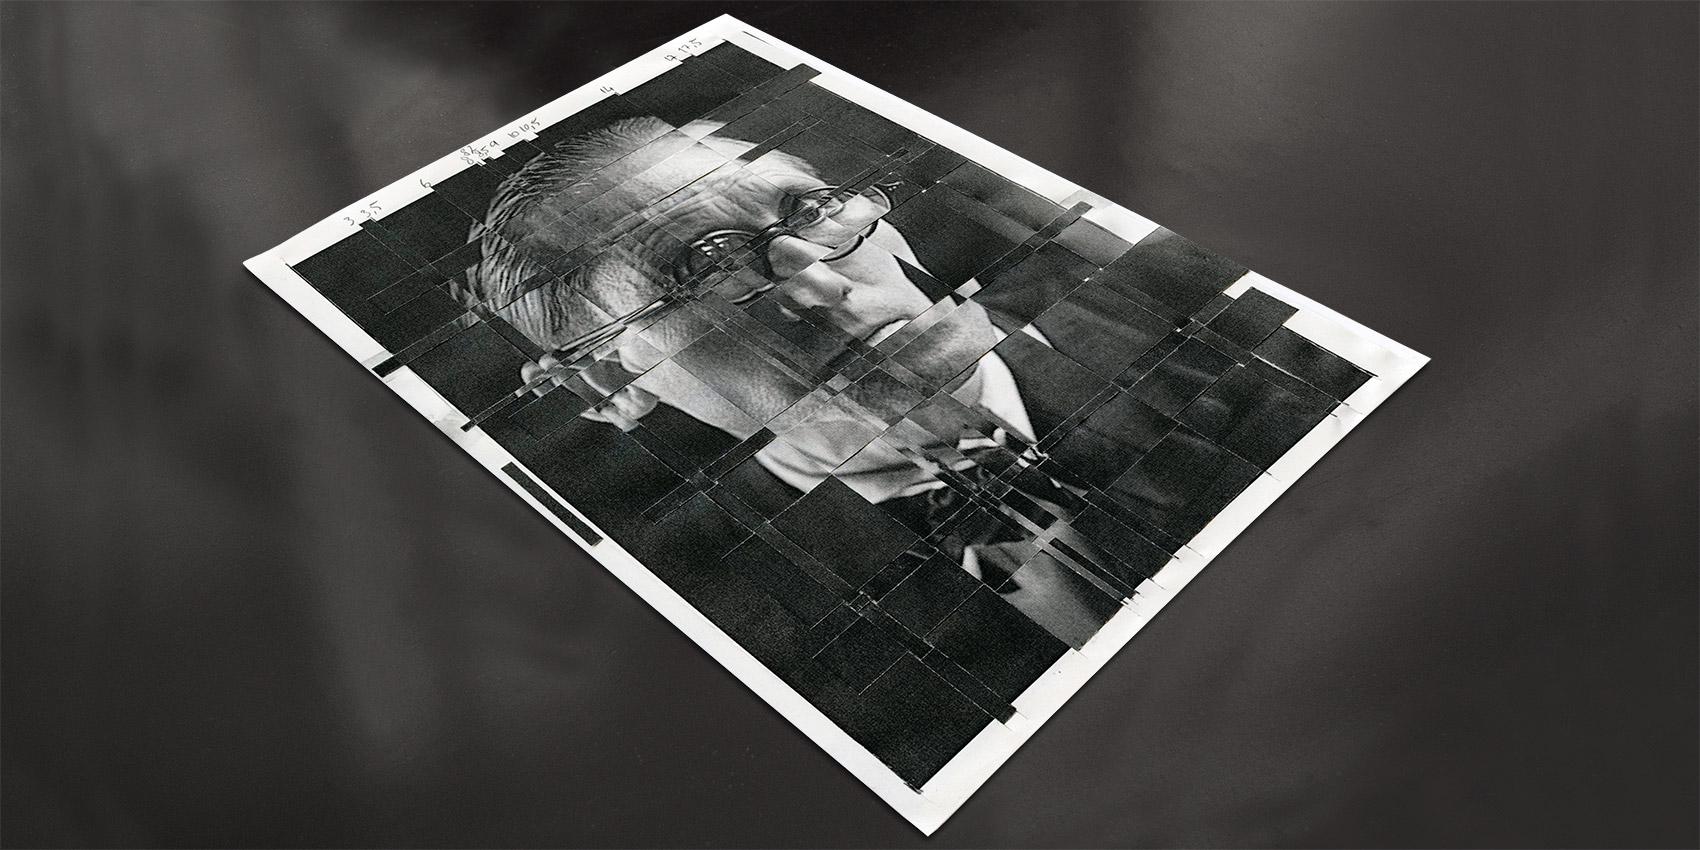 Le Corbusier - affiche F1 - B12communication, communication et graphisme